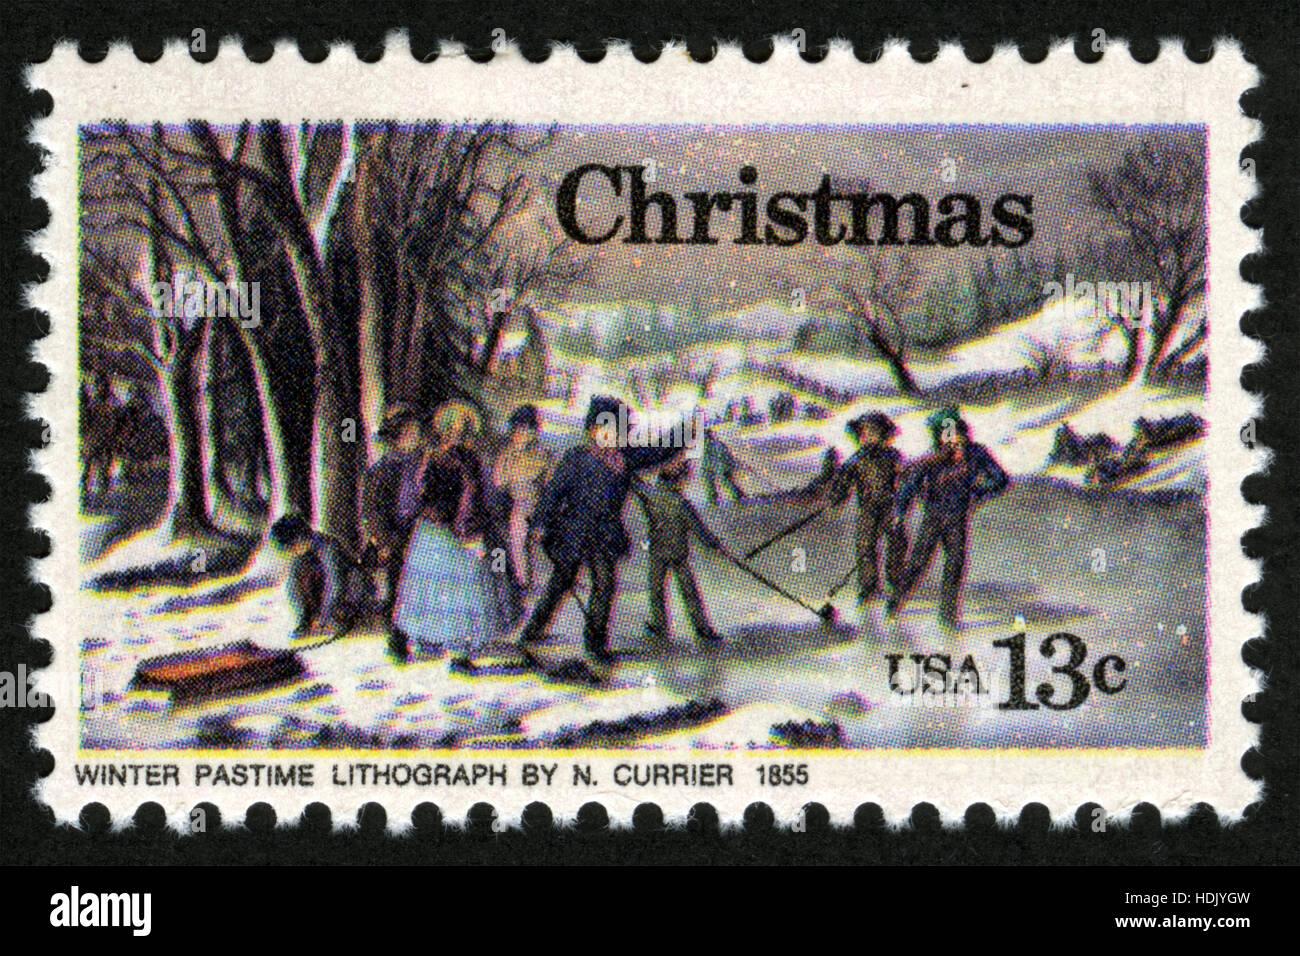 Usa, ca. 1976, Briefmarke, Weihnachten, Winter Zeitvertreib Lithographie von N. Currier Stockfoto